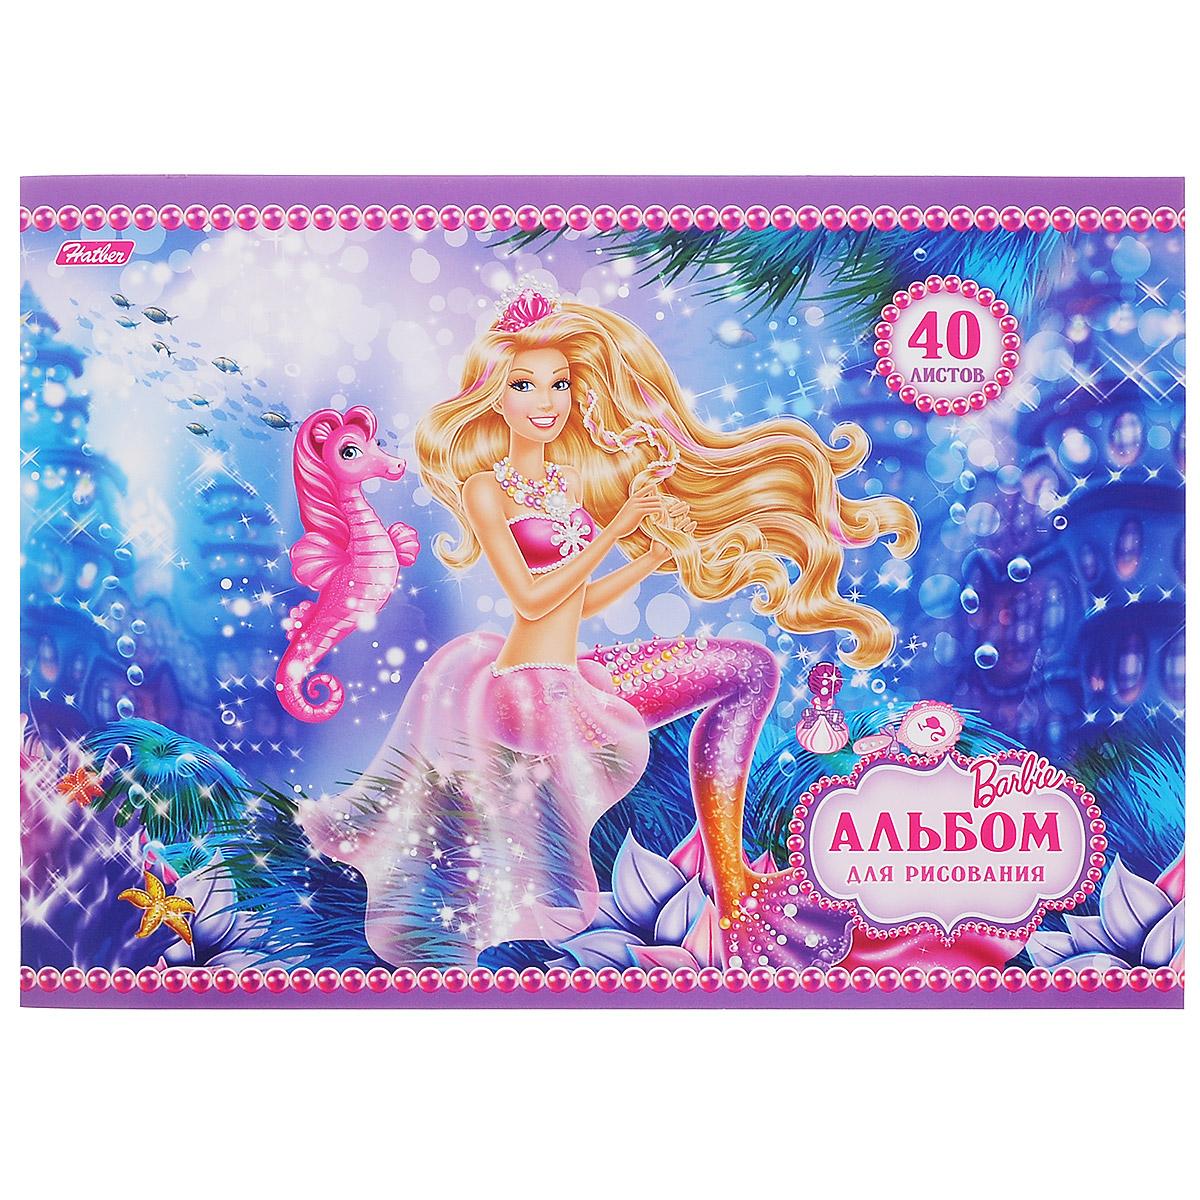 Альбом для рисования Hatber Barbie заплетает косы, 40 листов40А4B_12994Альбом для рисования Hatber Barbie заплетает косы непременно порадует маленького художника и вдохновит его на творчество. Альбом изготовлен из белоснежной офсетной бумаги с яркой обложкой из мелованного картона, оформленной изображением Барби-русалочки. Высокое качество бумаги позволяет рисовать в альбоме карандашами, фломастерами, акварельными и гуашевыми красками. Рекомендуемый возраст: 0+.